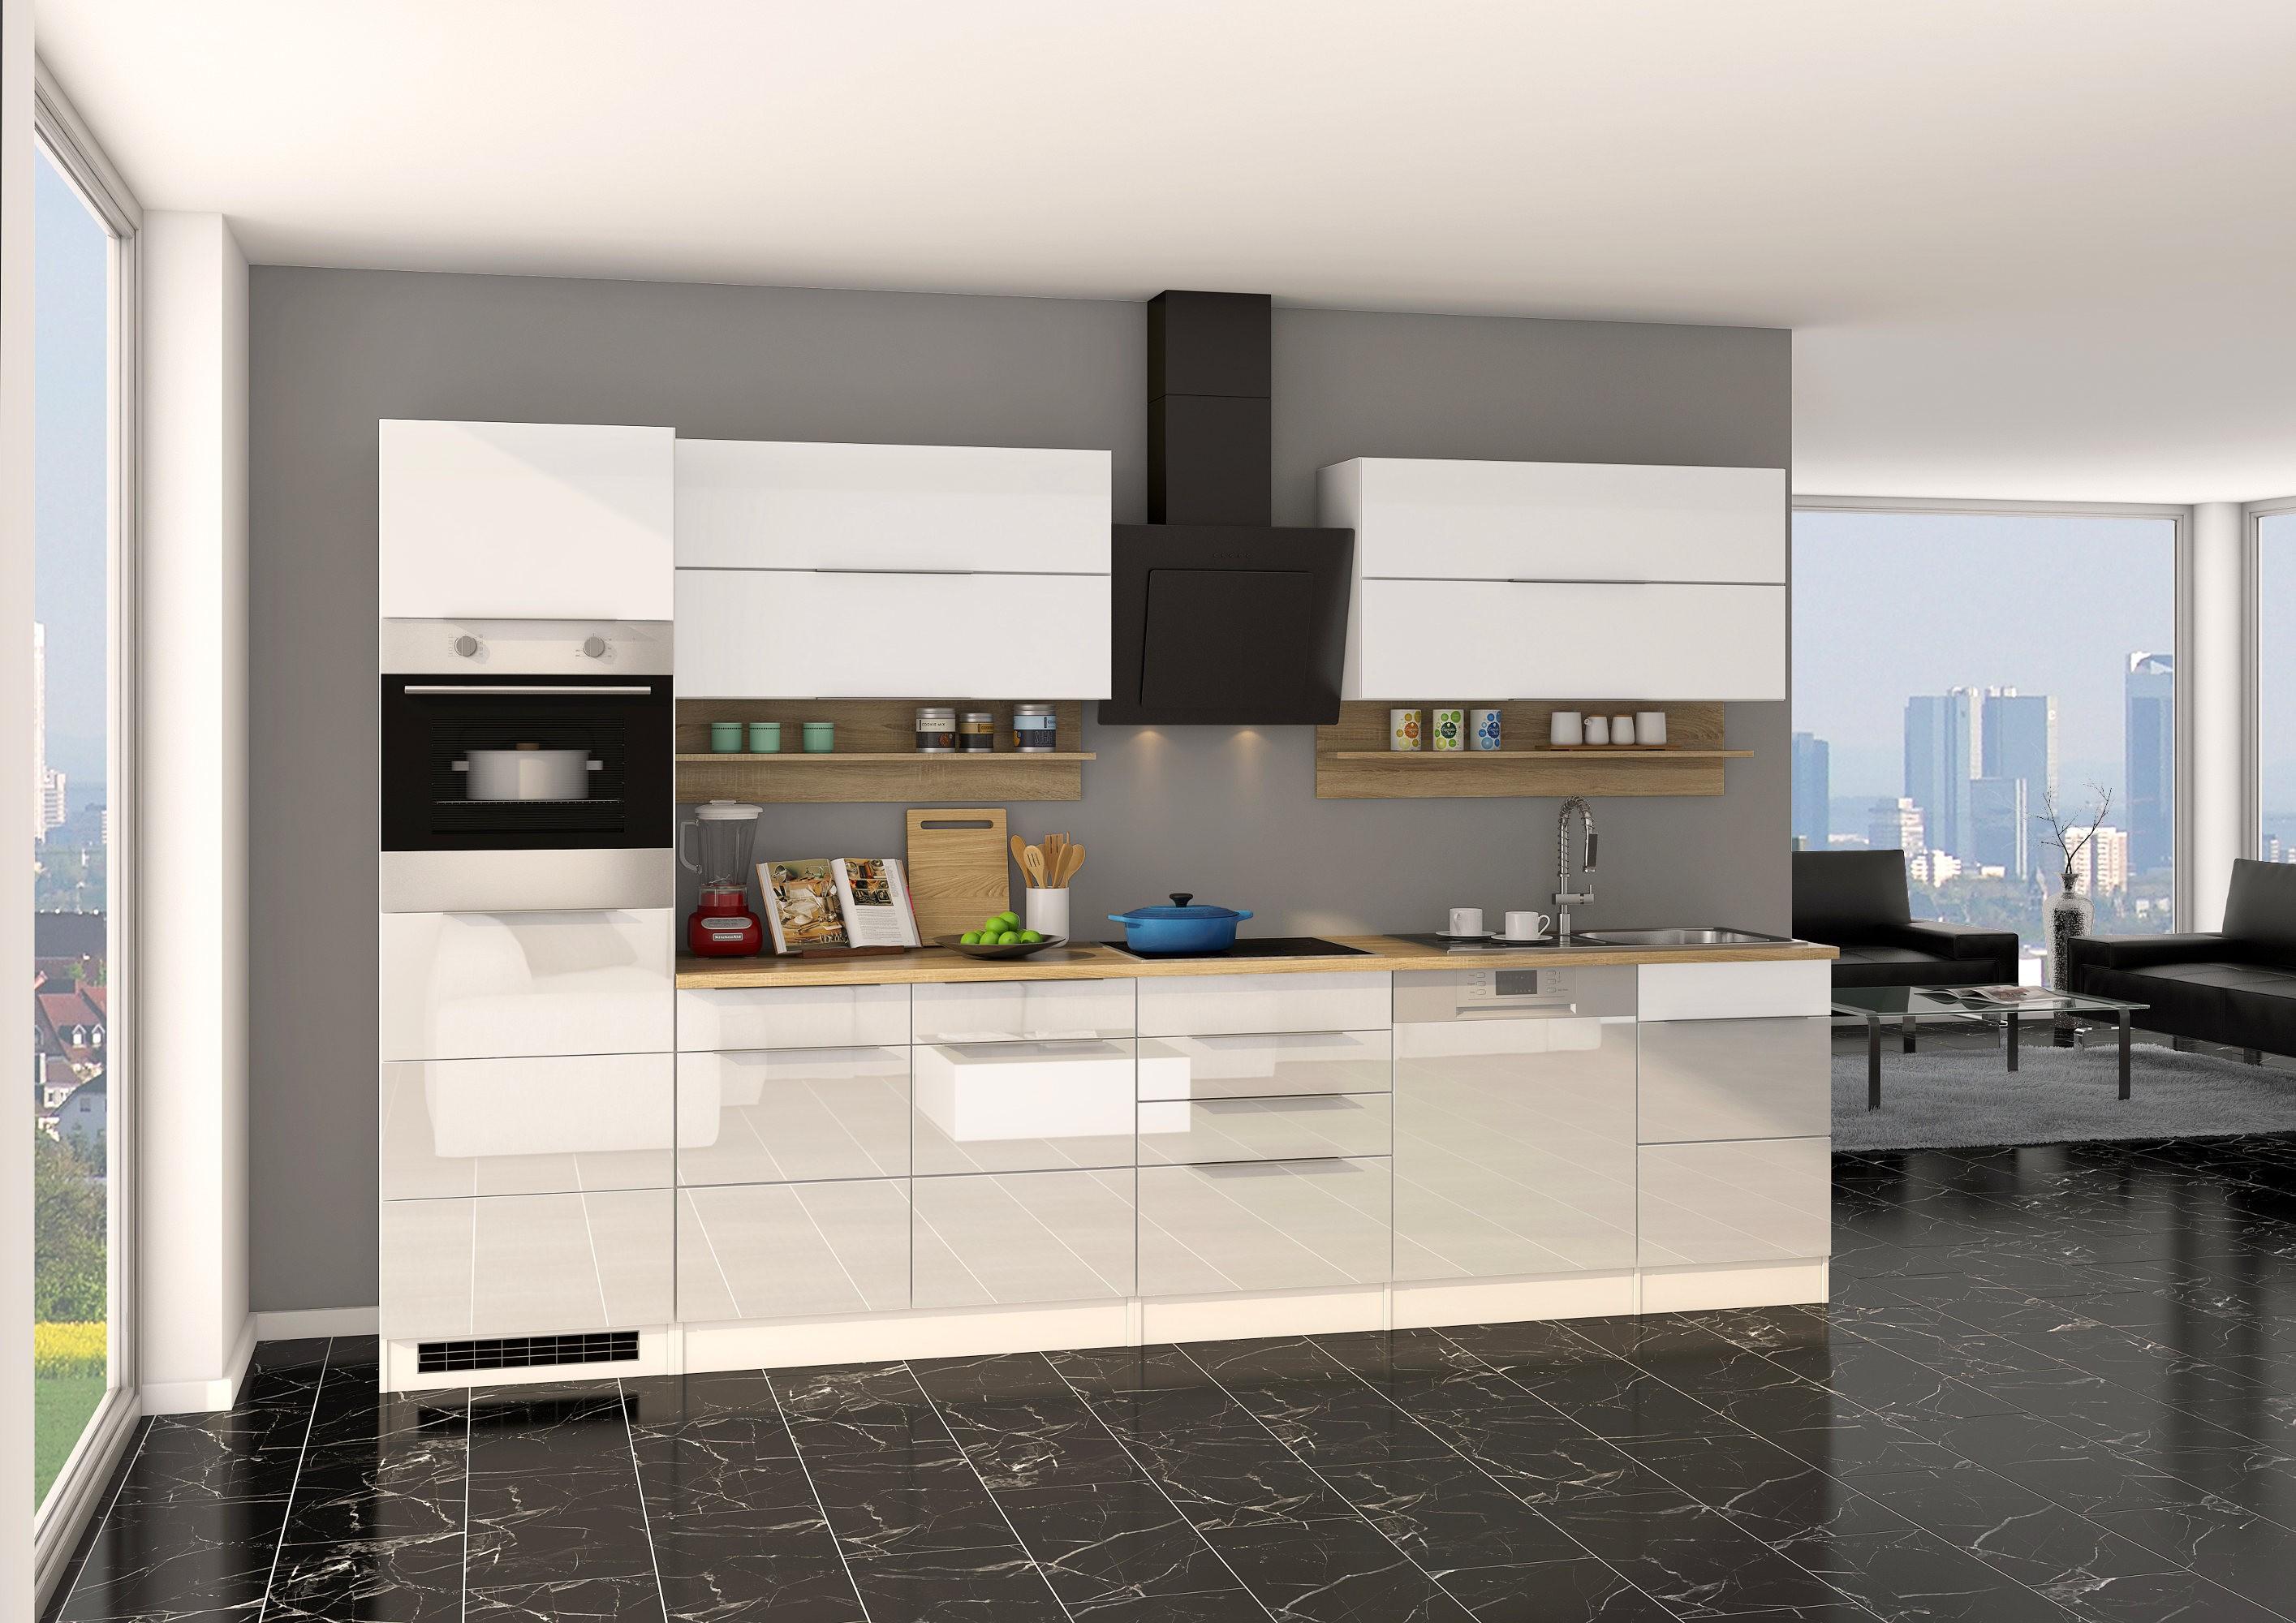 KüchenSpülcenter HAMBURG  1türig  110 cm breit